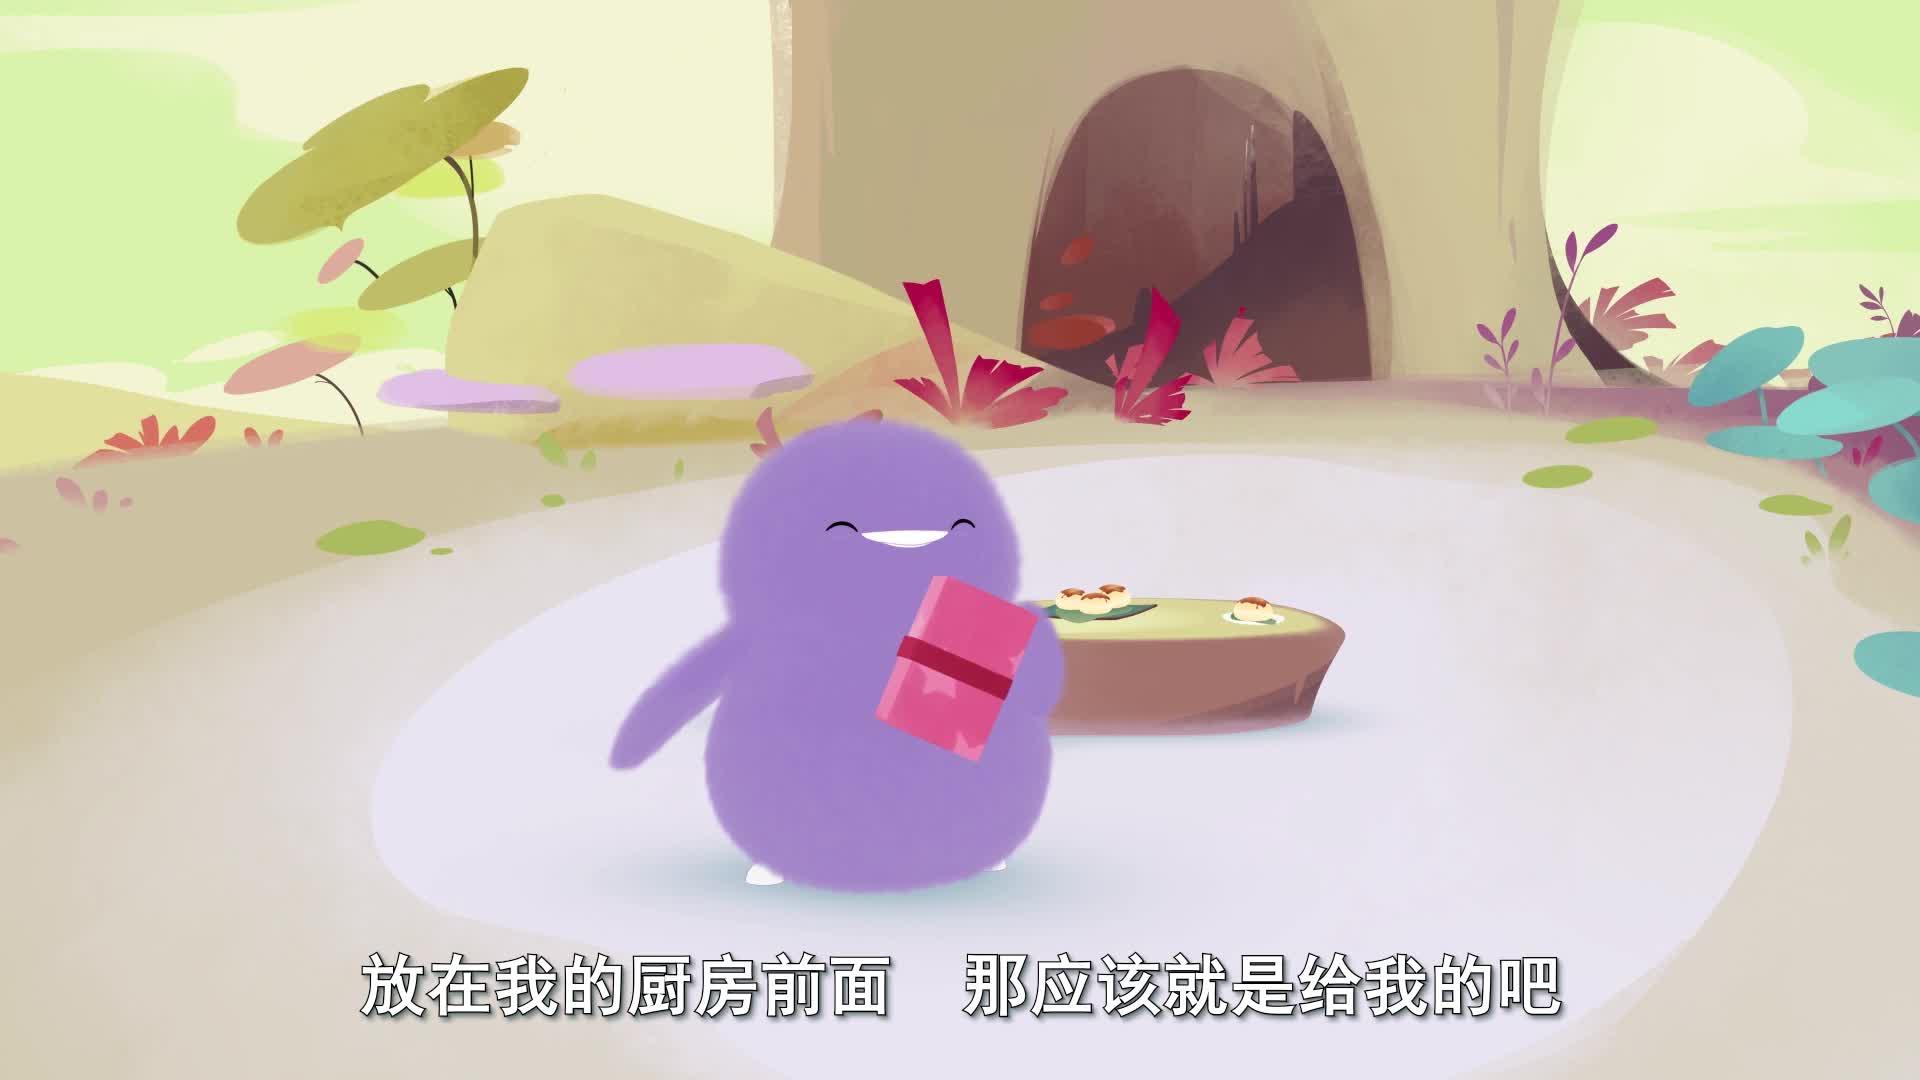 《小鸡彩虹》 第五季 04特别的礼物